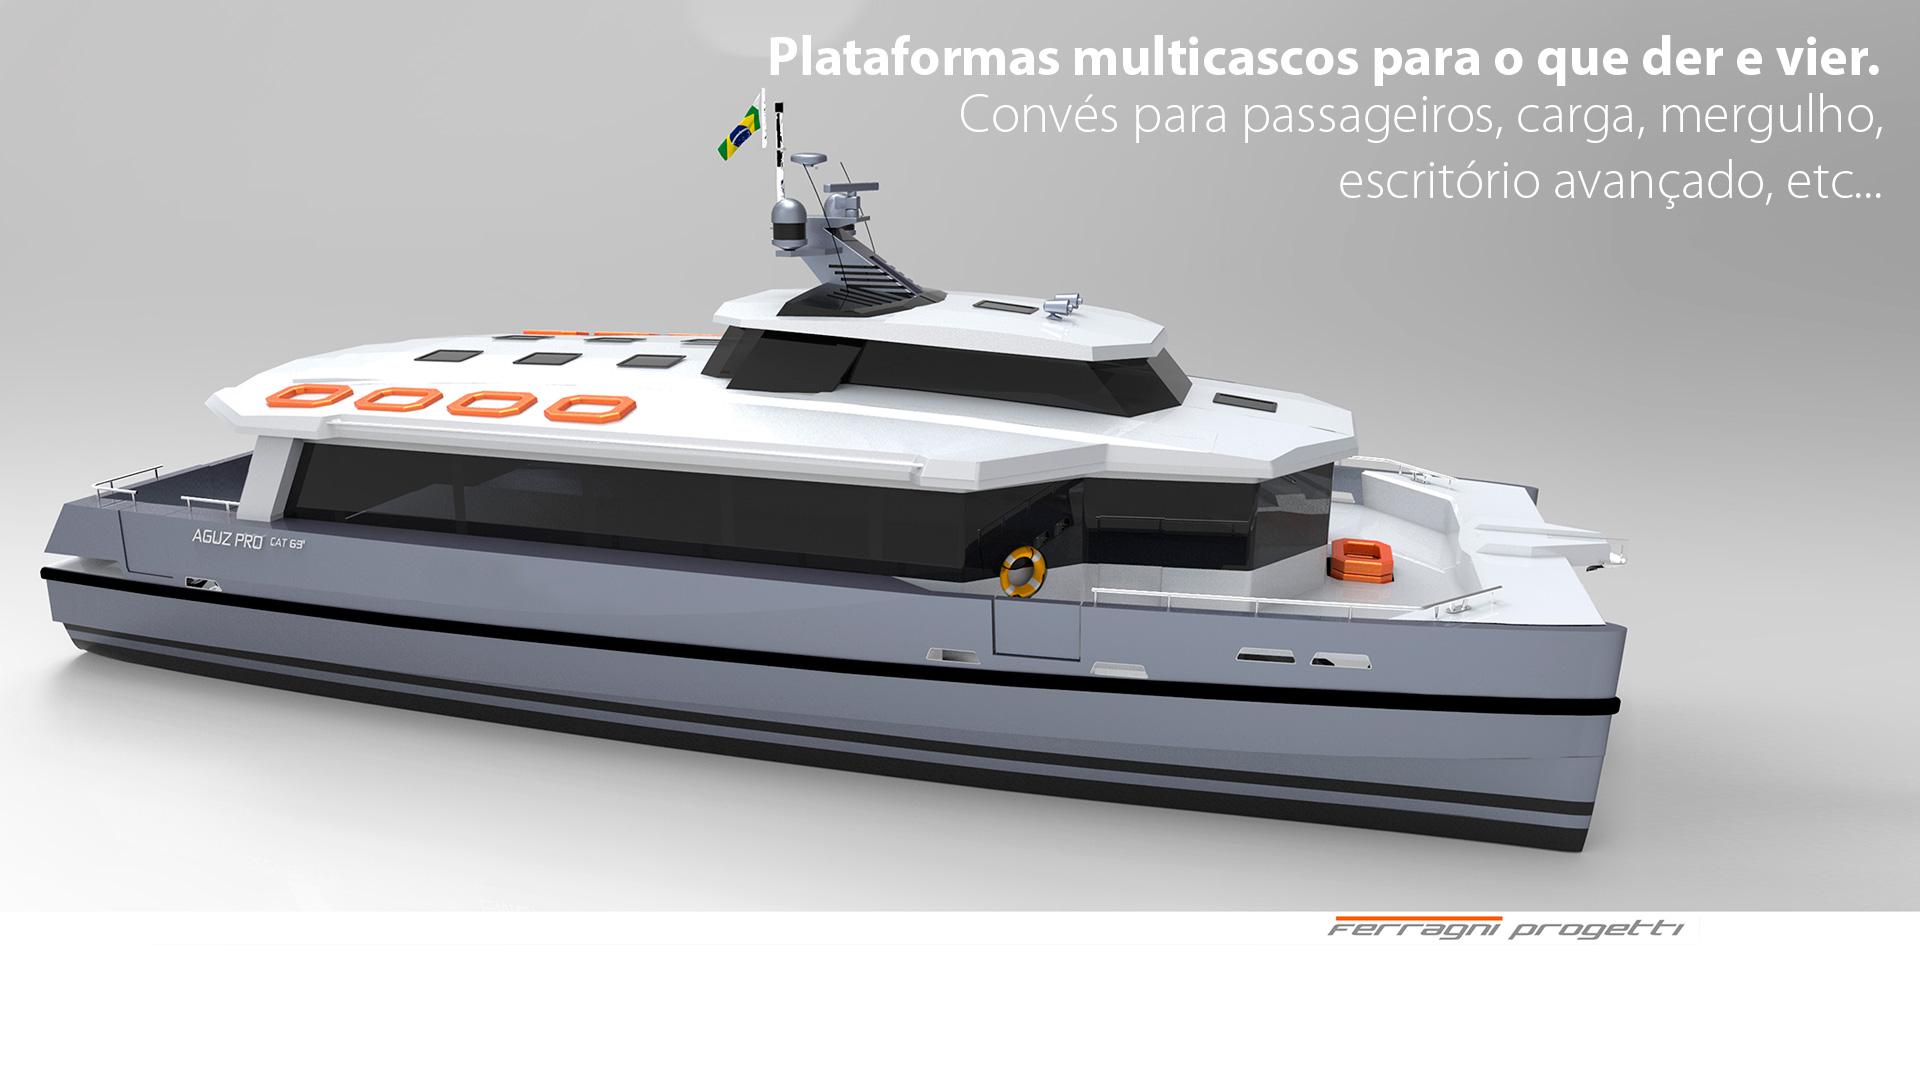 Plataformas multicascos para o que der e vier. Convés para passageiros, carga, mergulho, escritório avançado, etc…